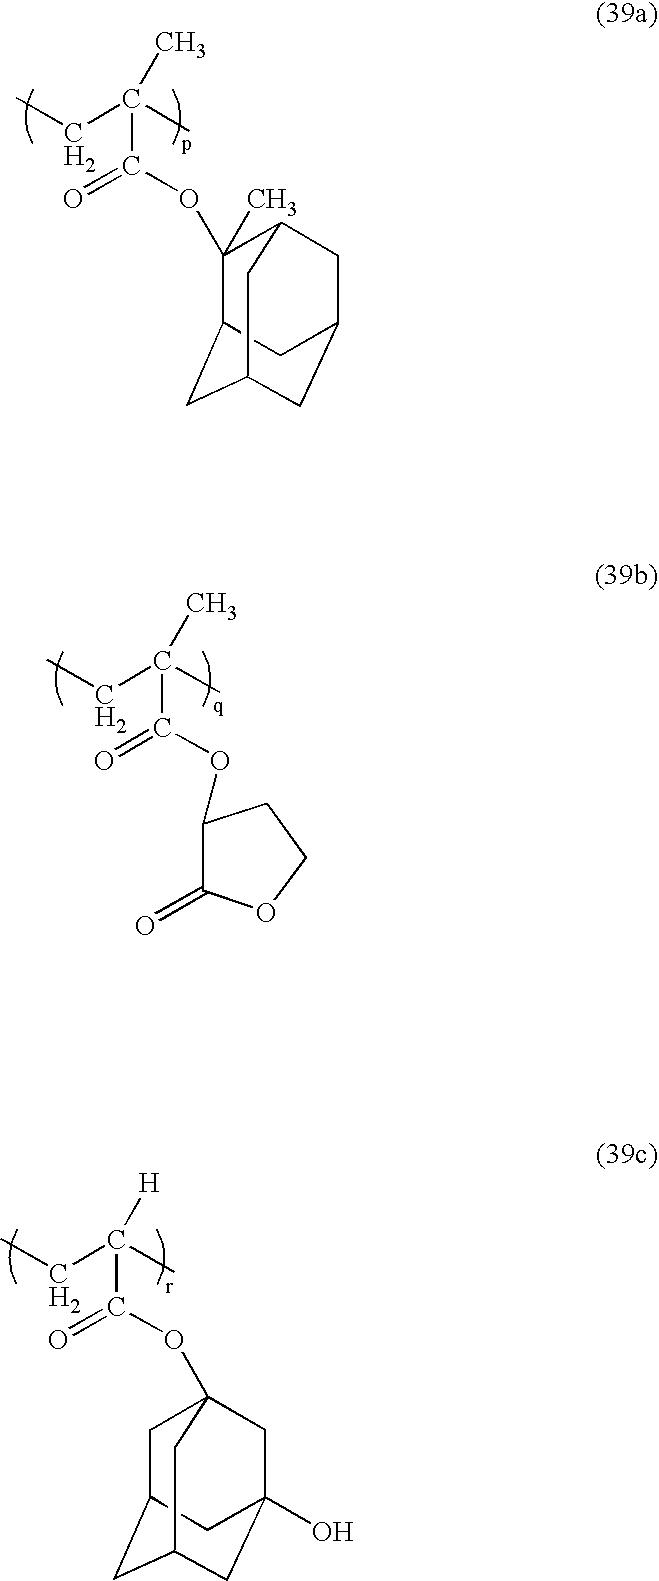 Figure US20060141400A1-20060629-C00017